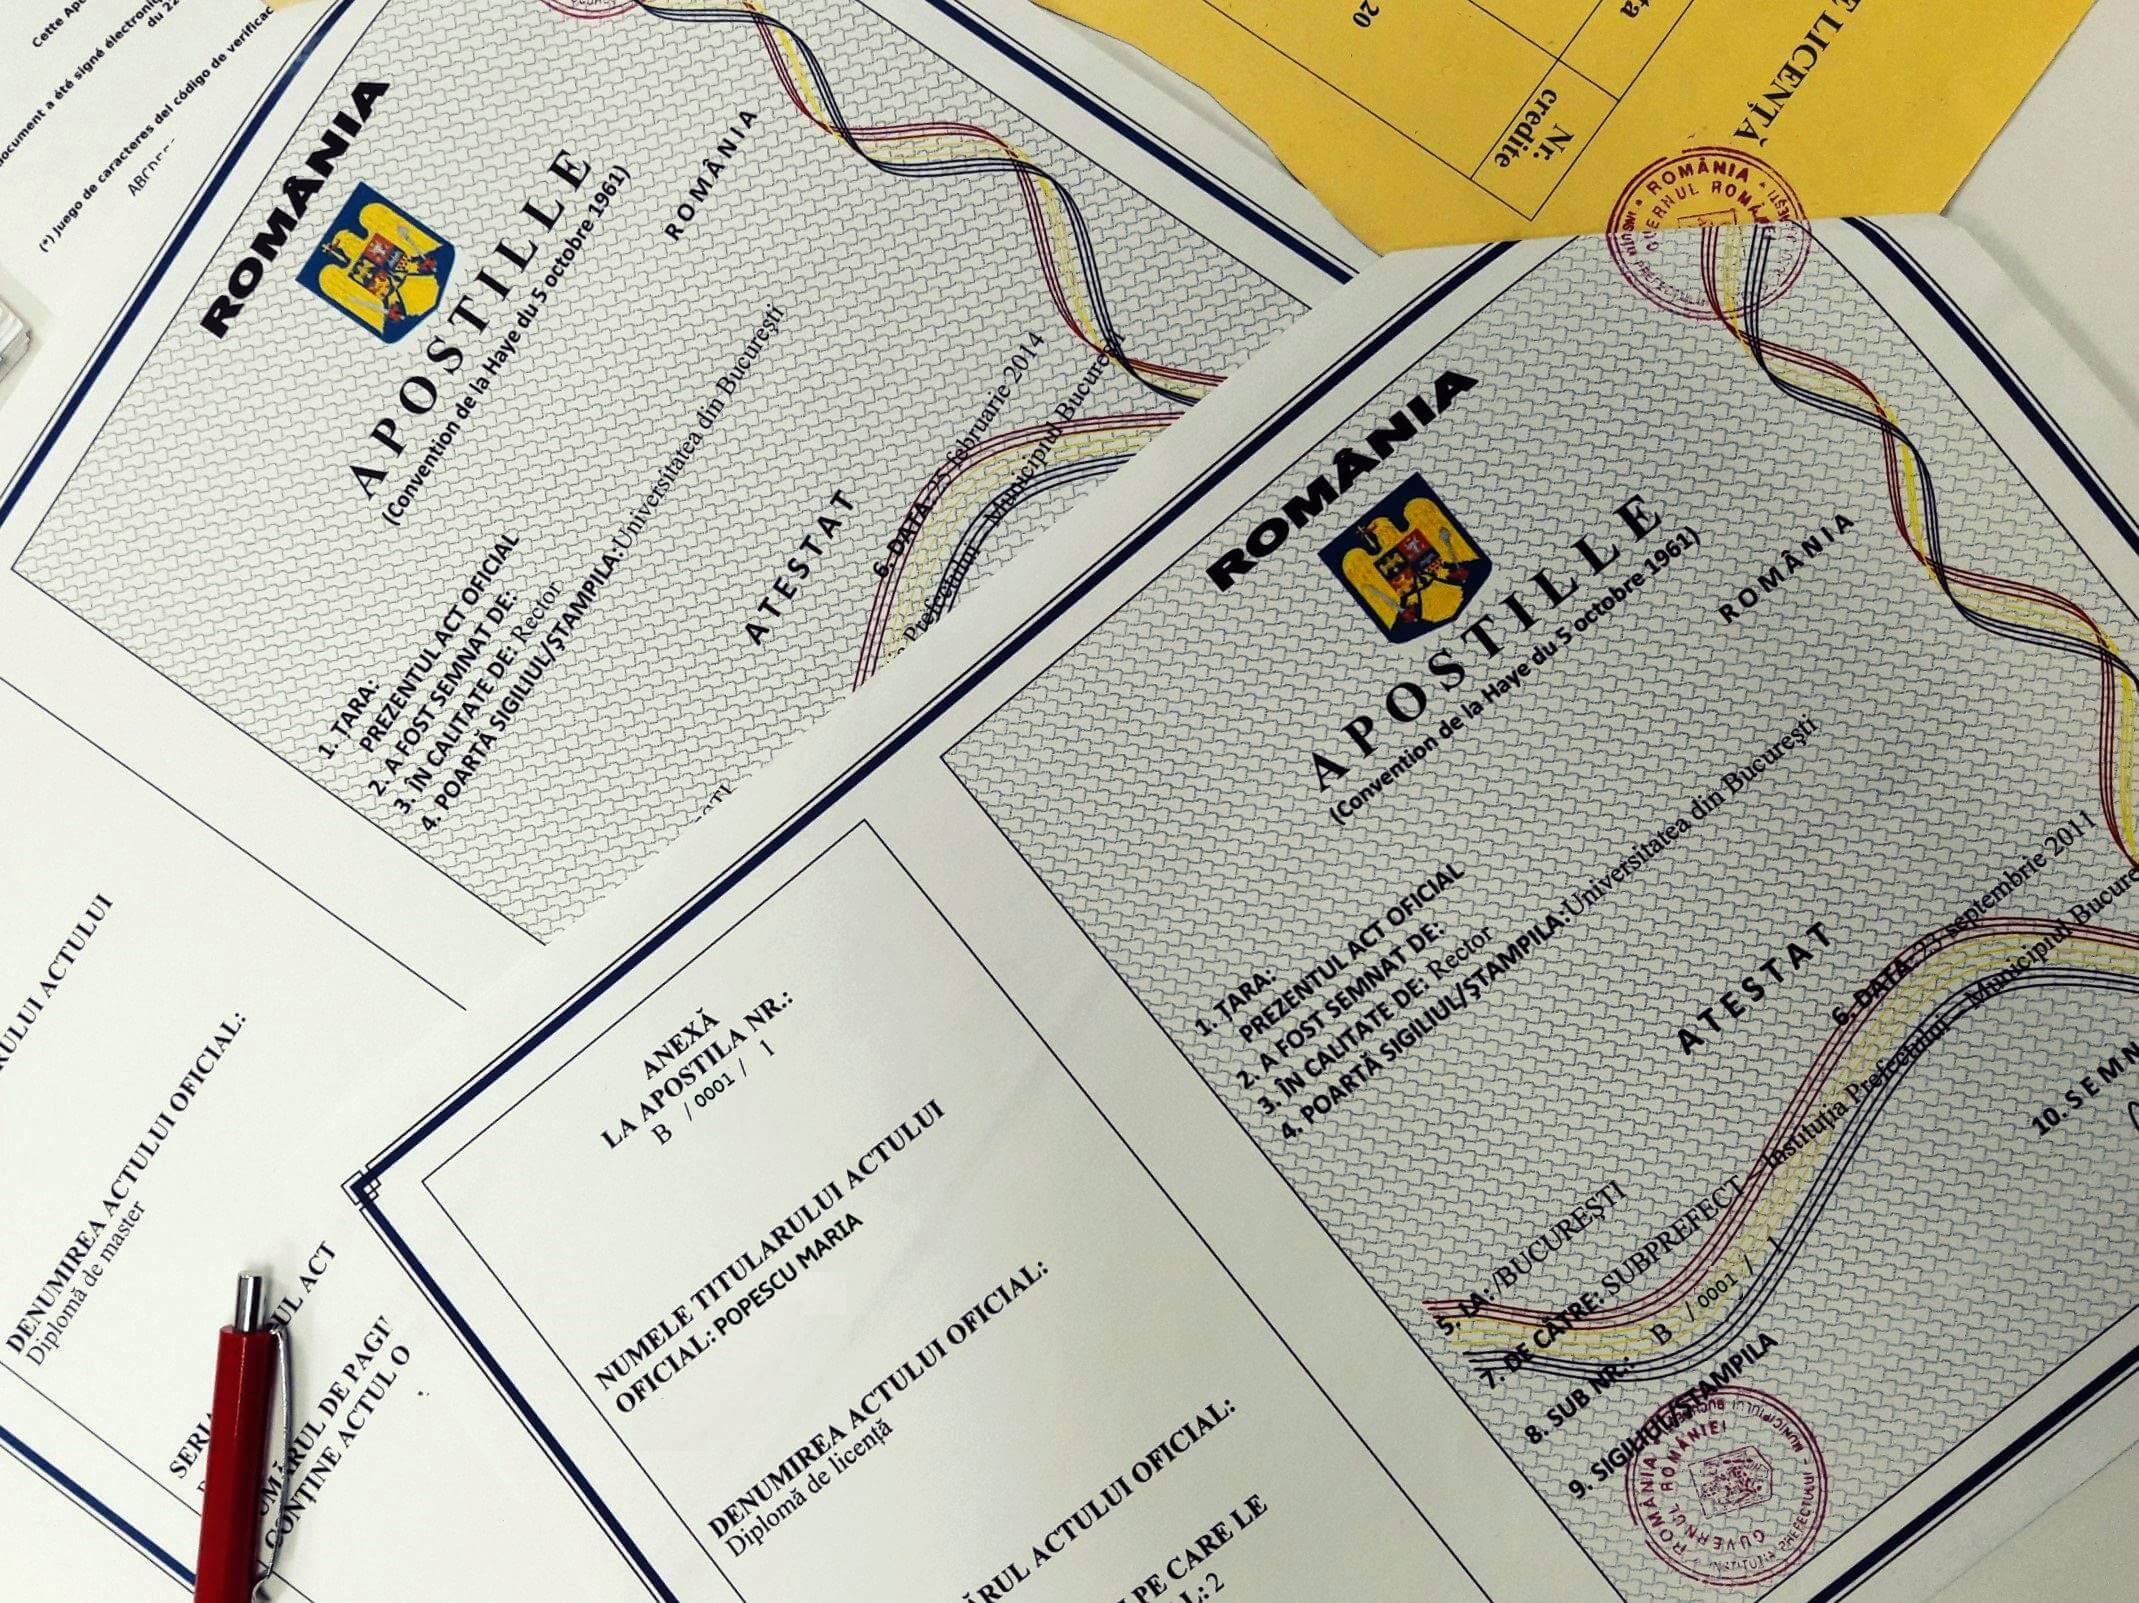 Noile reguli au intrat în vigoare la 16 februarie 2019